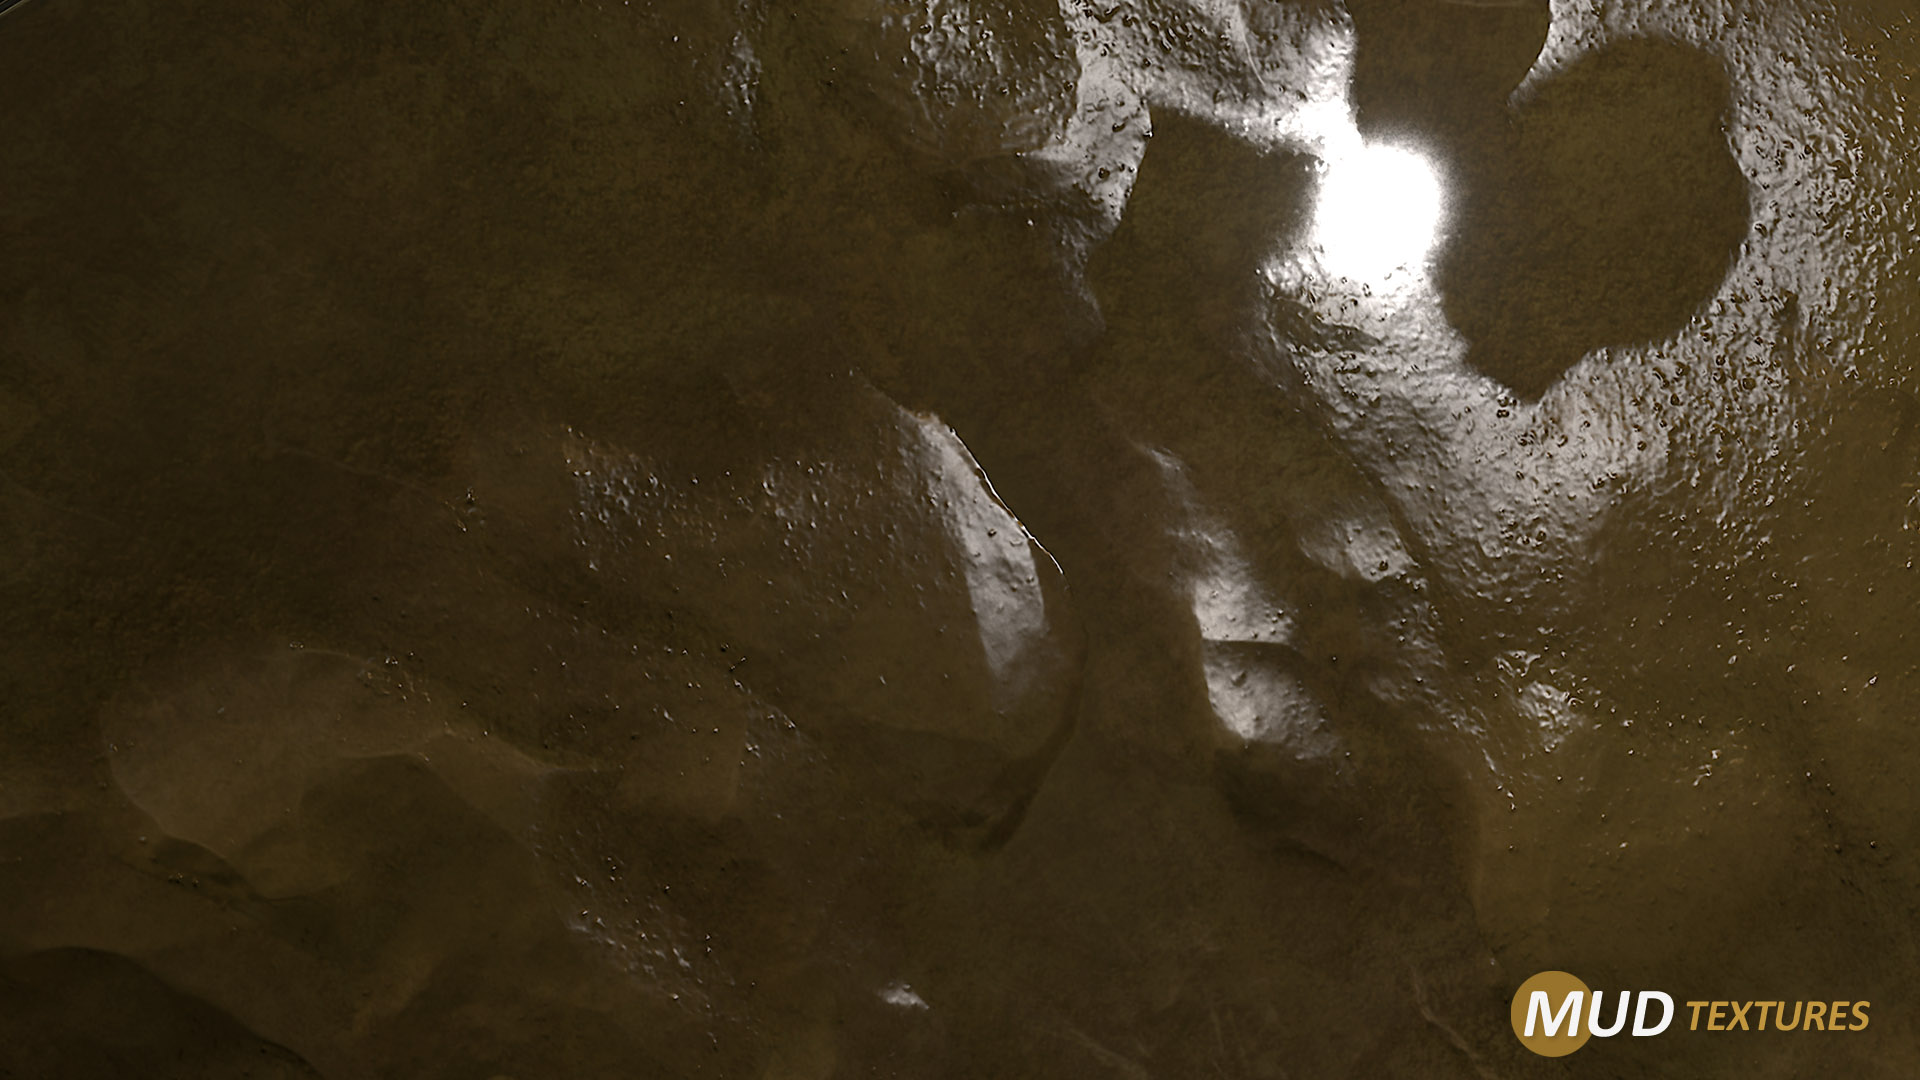 mud_texture_06.jpg